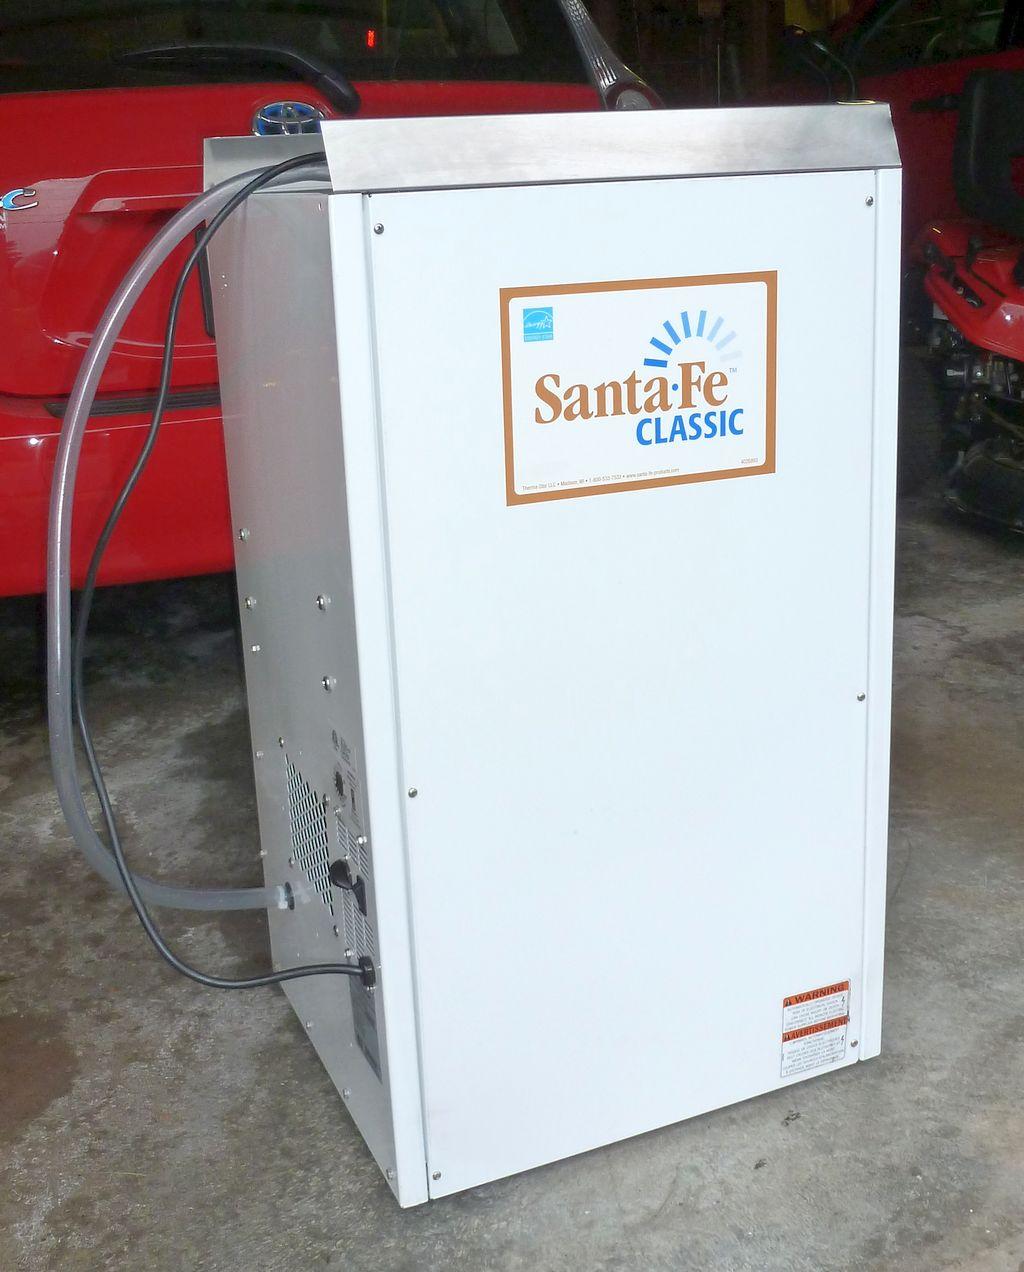 Santa Fe Classic Dehumidifier Ecorenovator